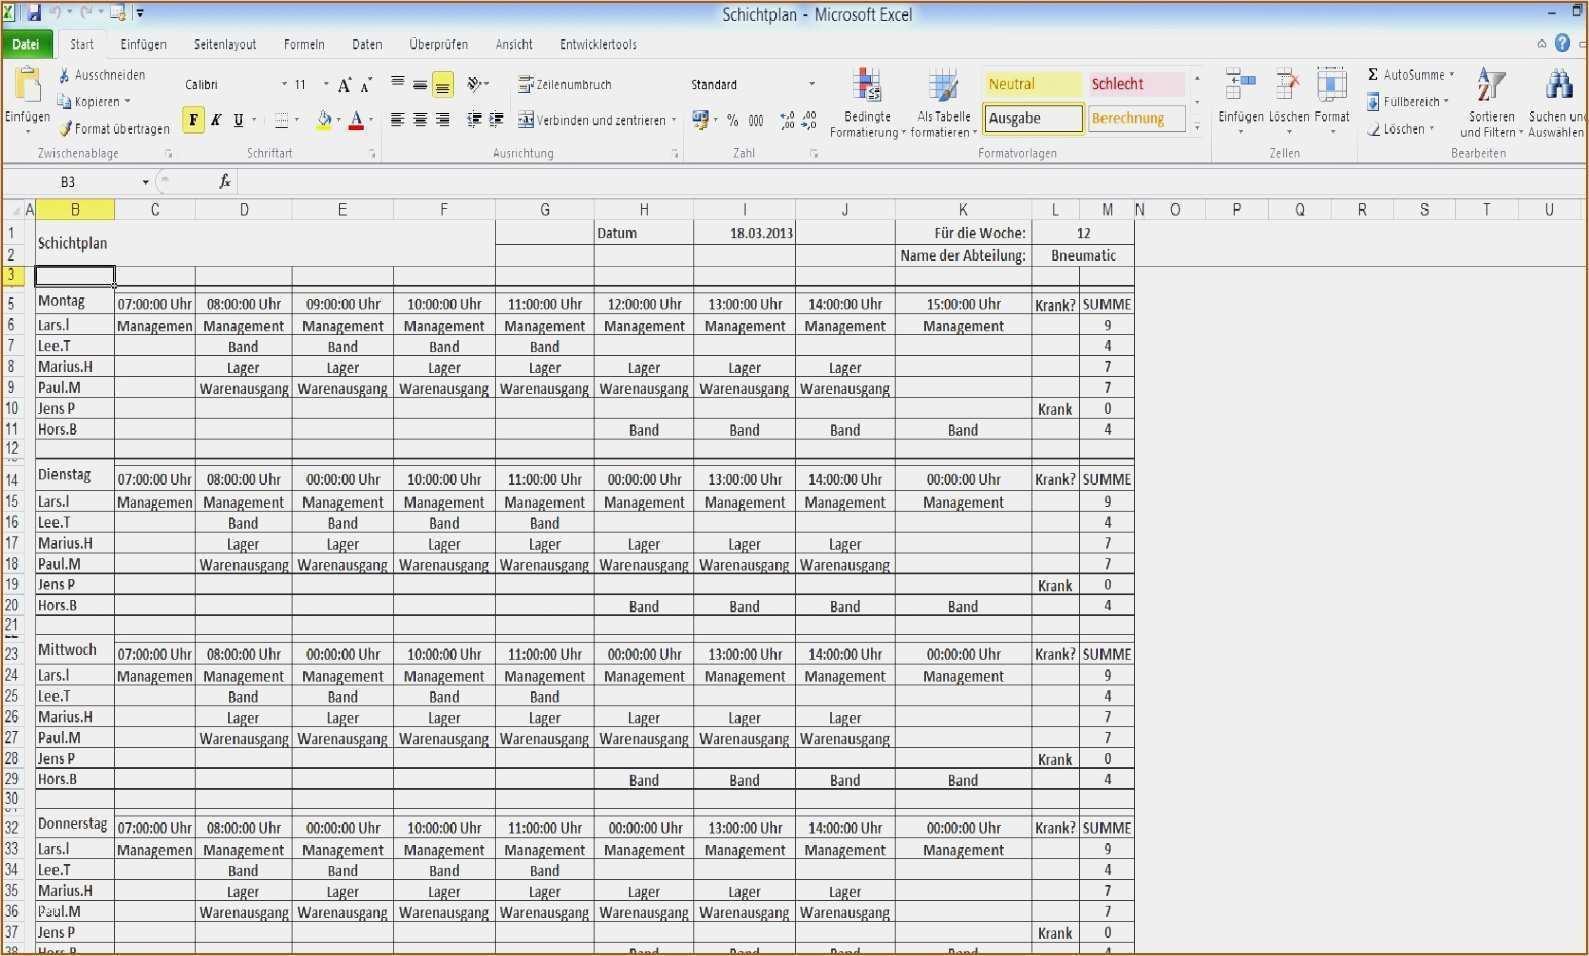 36 Wunderbar Kostenlose Excel Vorlagen Ideen Excel Vorlage Vorlagen Word Vorlagen